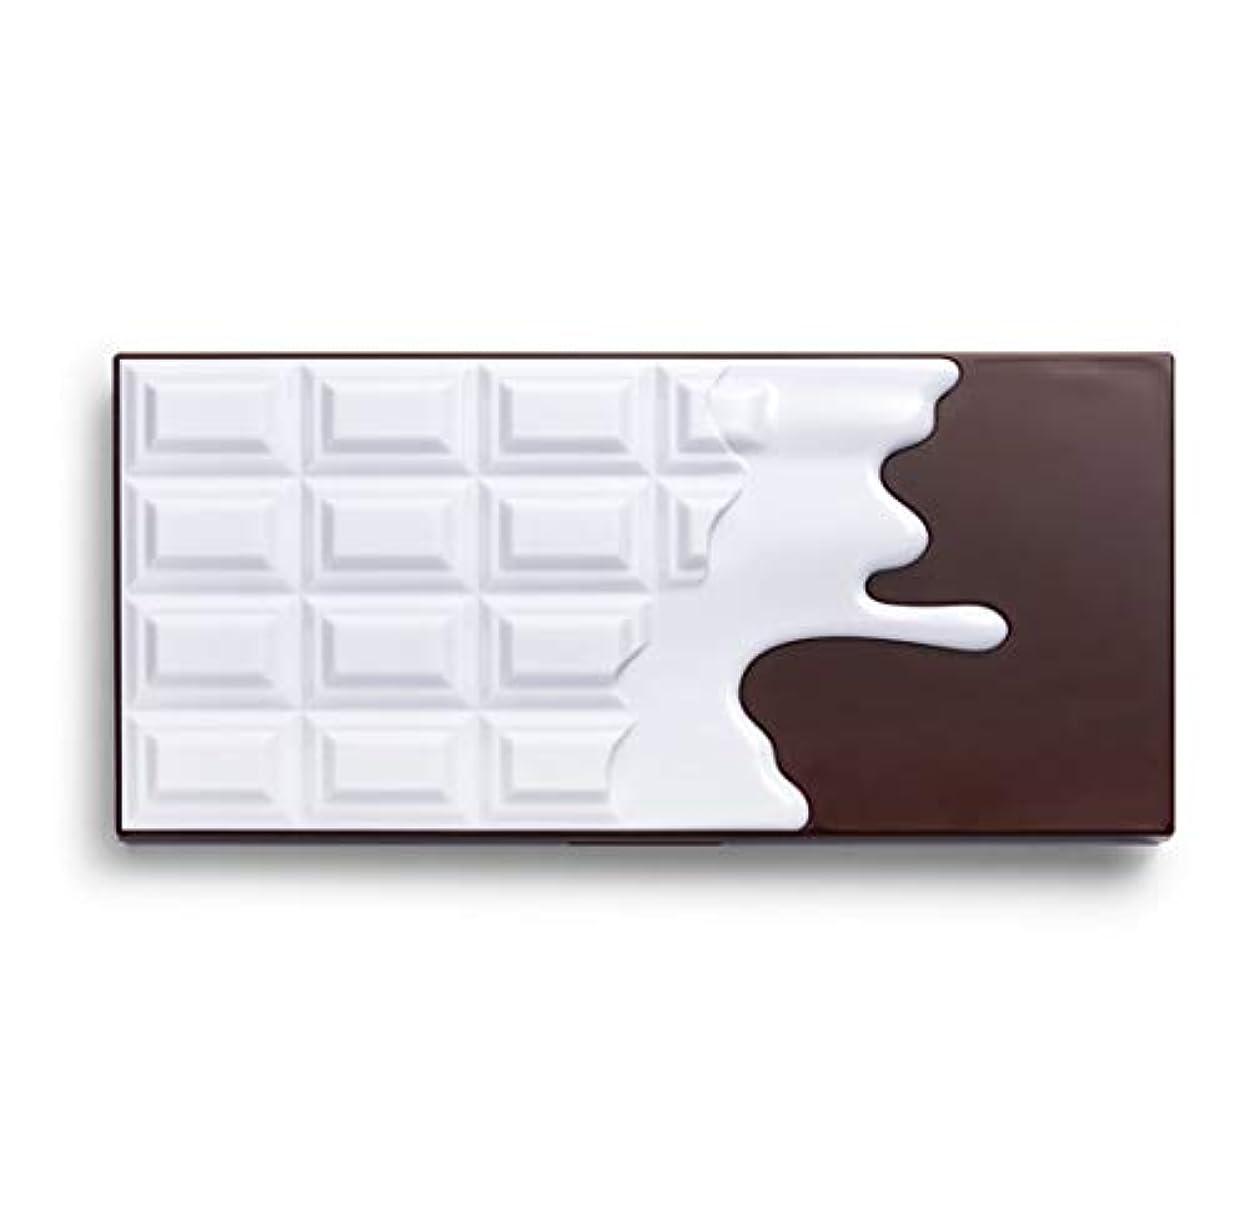 利益進む噂メイクアップレボリューション アイラブメイクアップ チョコレート型18色アイシャドウパレット #Smores Chocolate